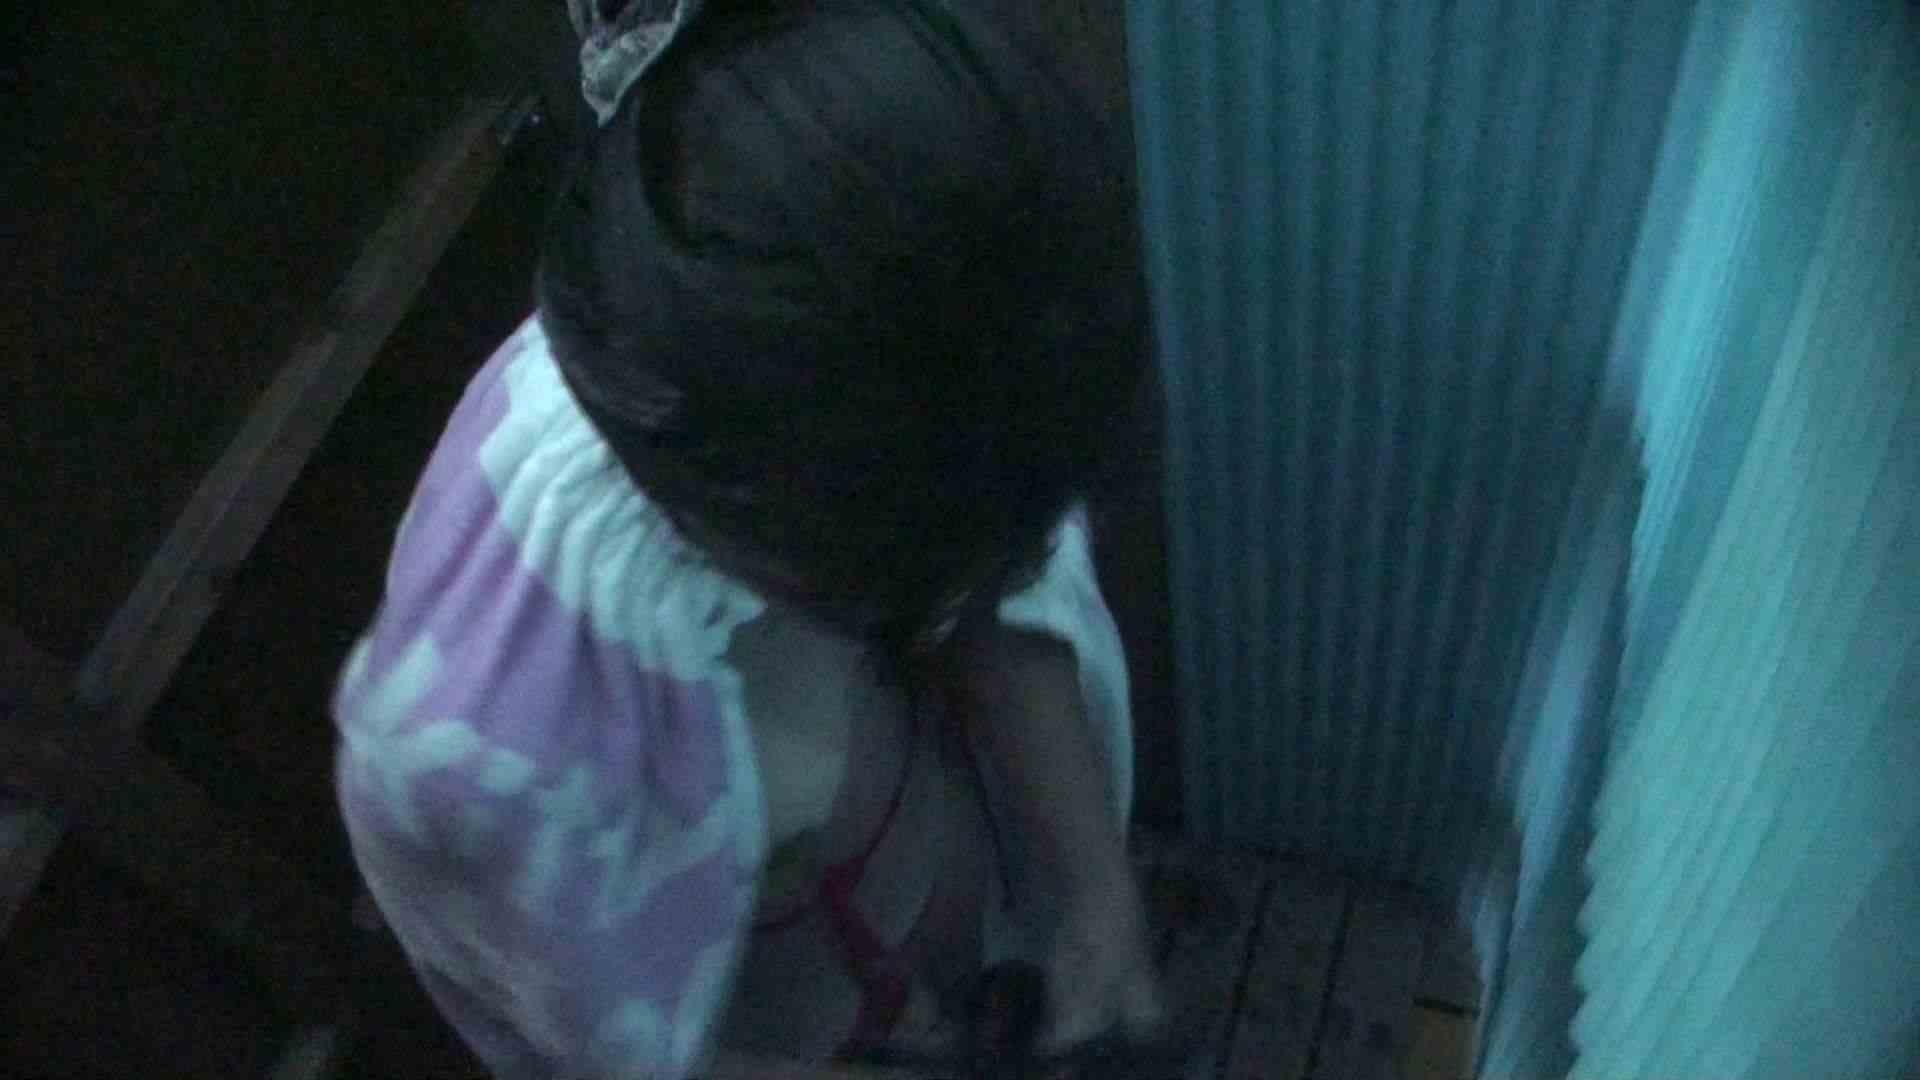 シャワールームは超!!危険な香りVol.26 大学生風美形ギャル 暗さが残念! シャワー すけべAV動画紹介 103PIX 59